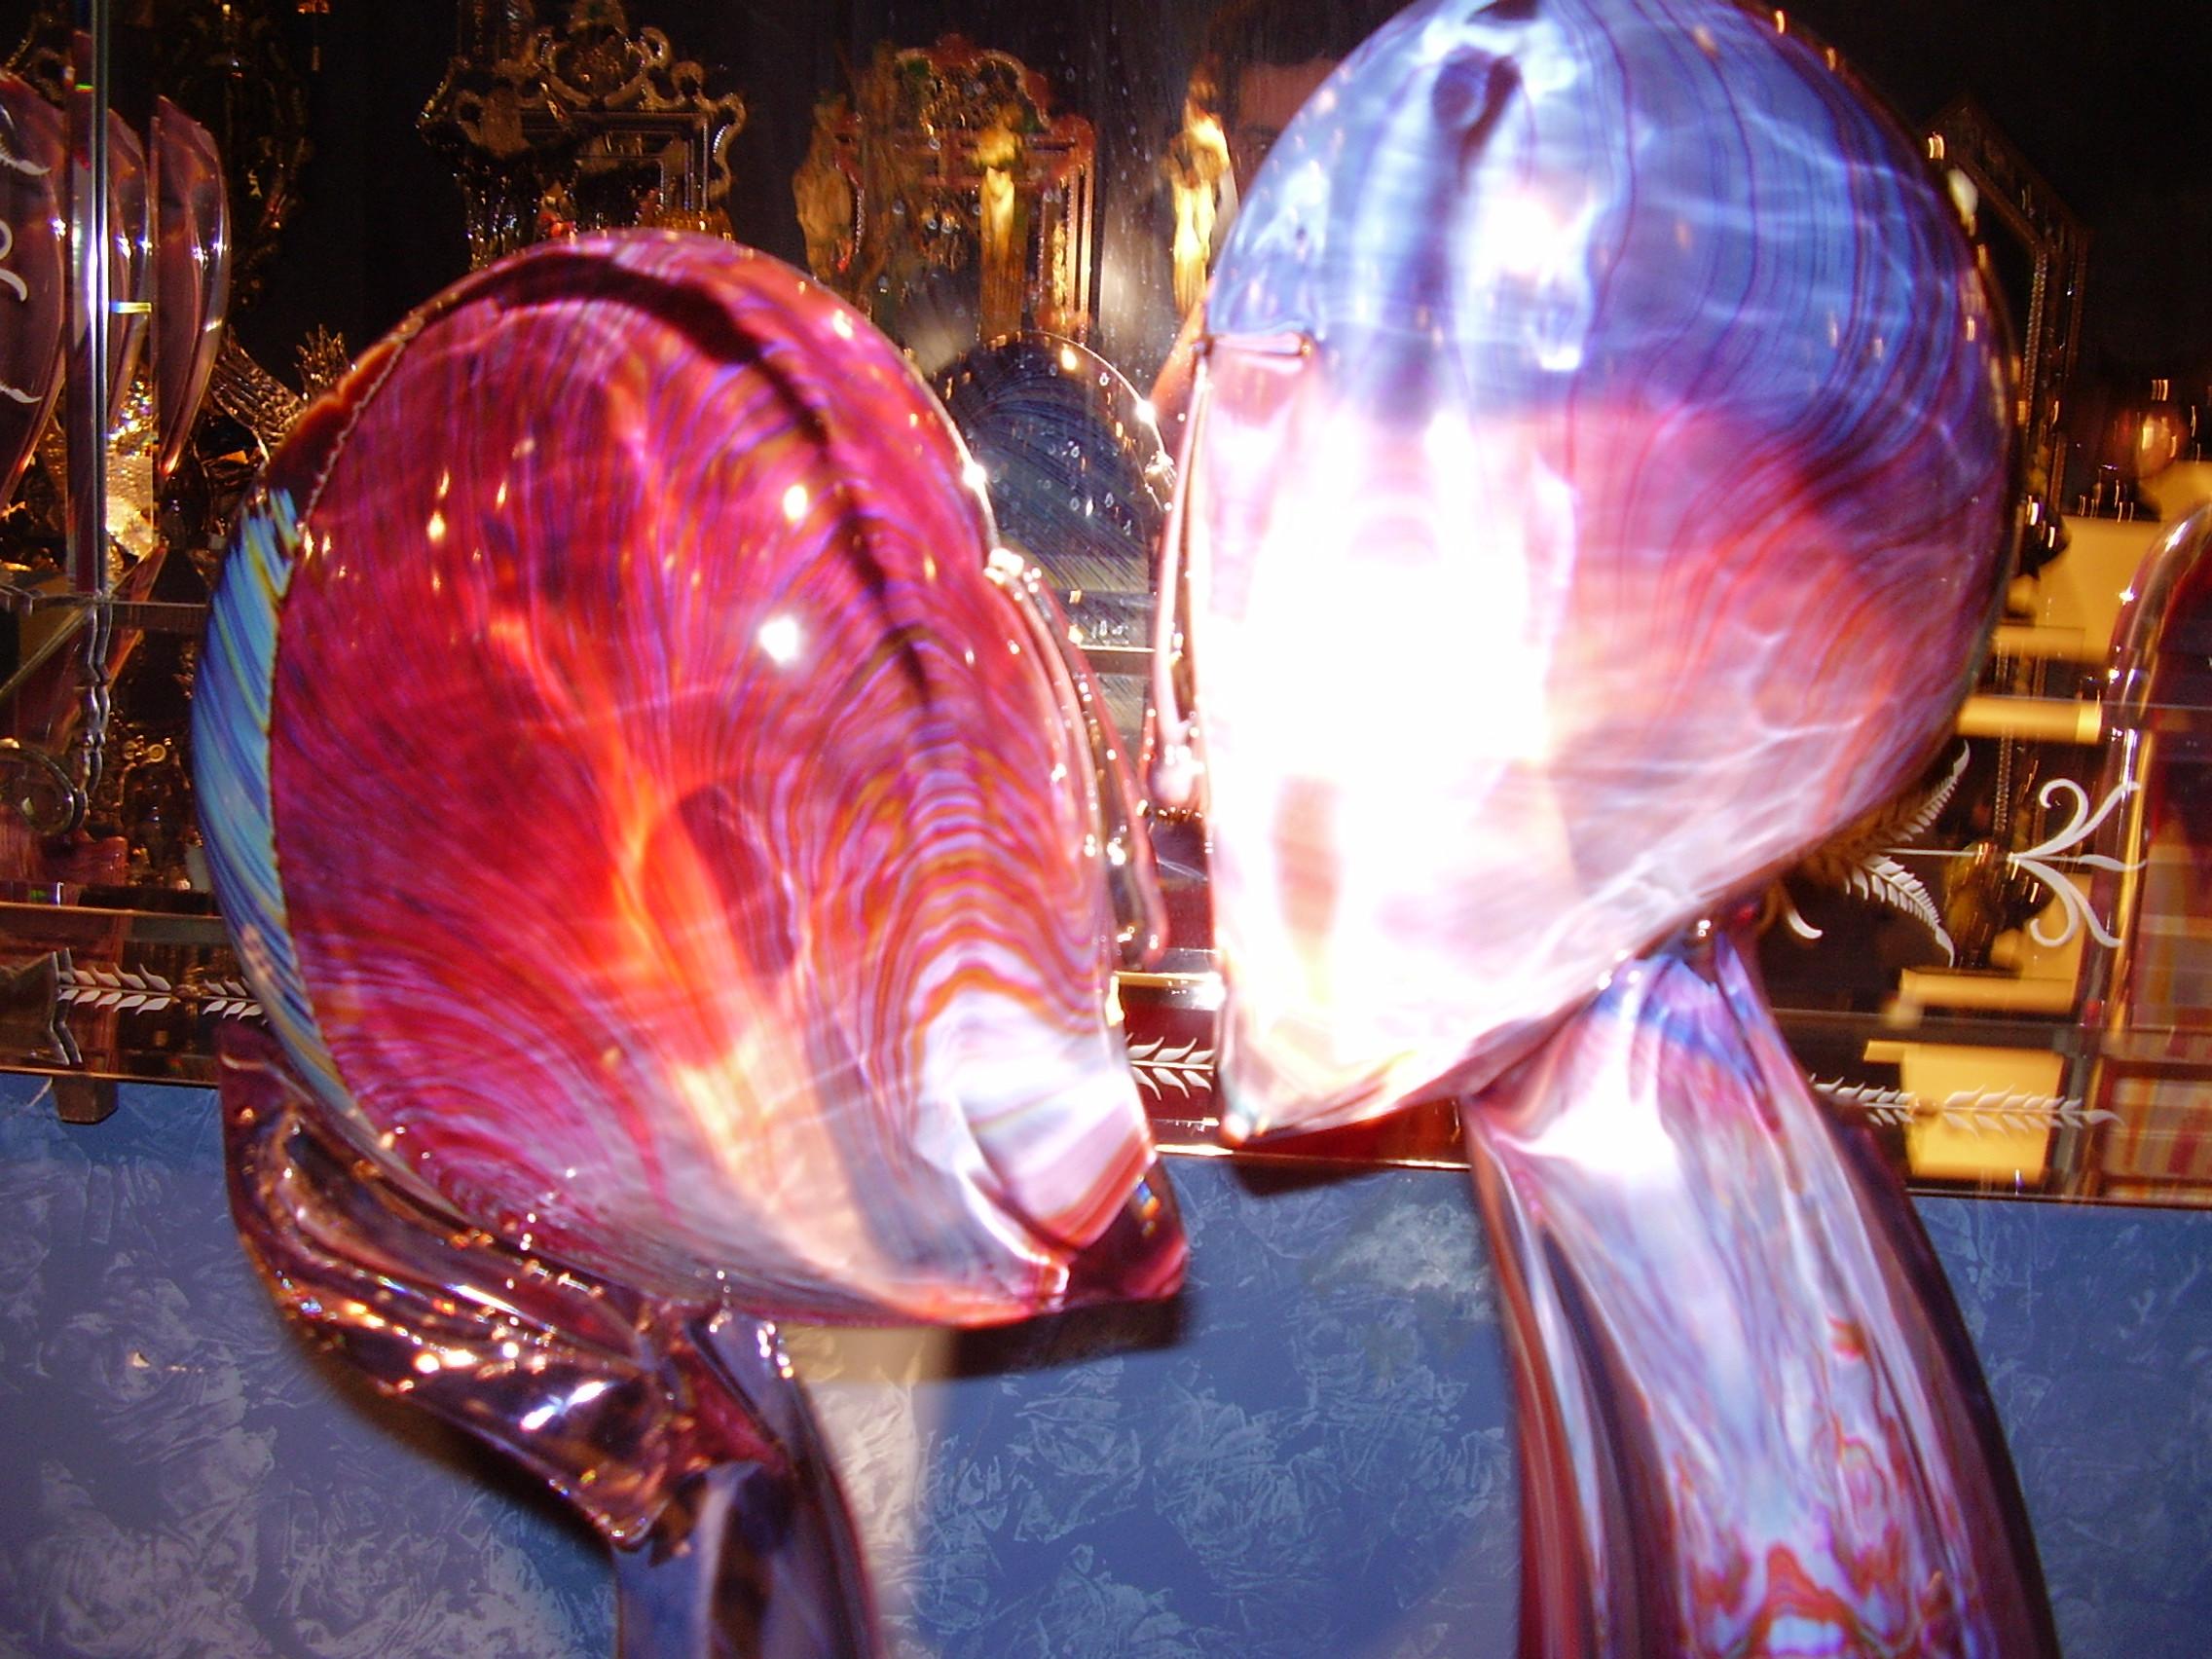 Glass sculpture - Murano - Venice - Italy private tour